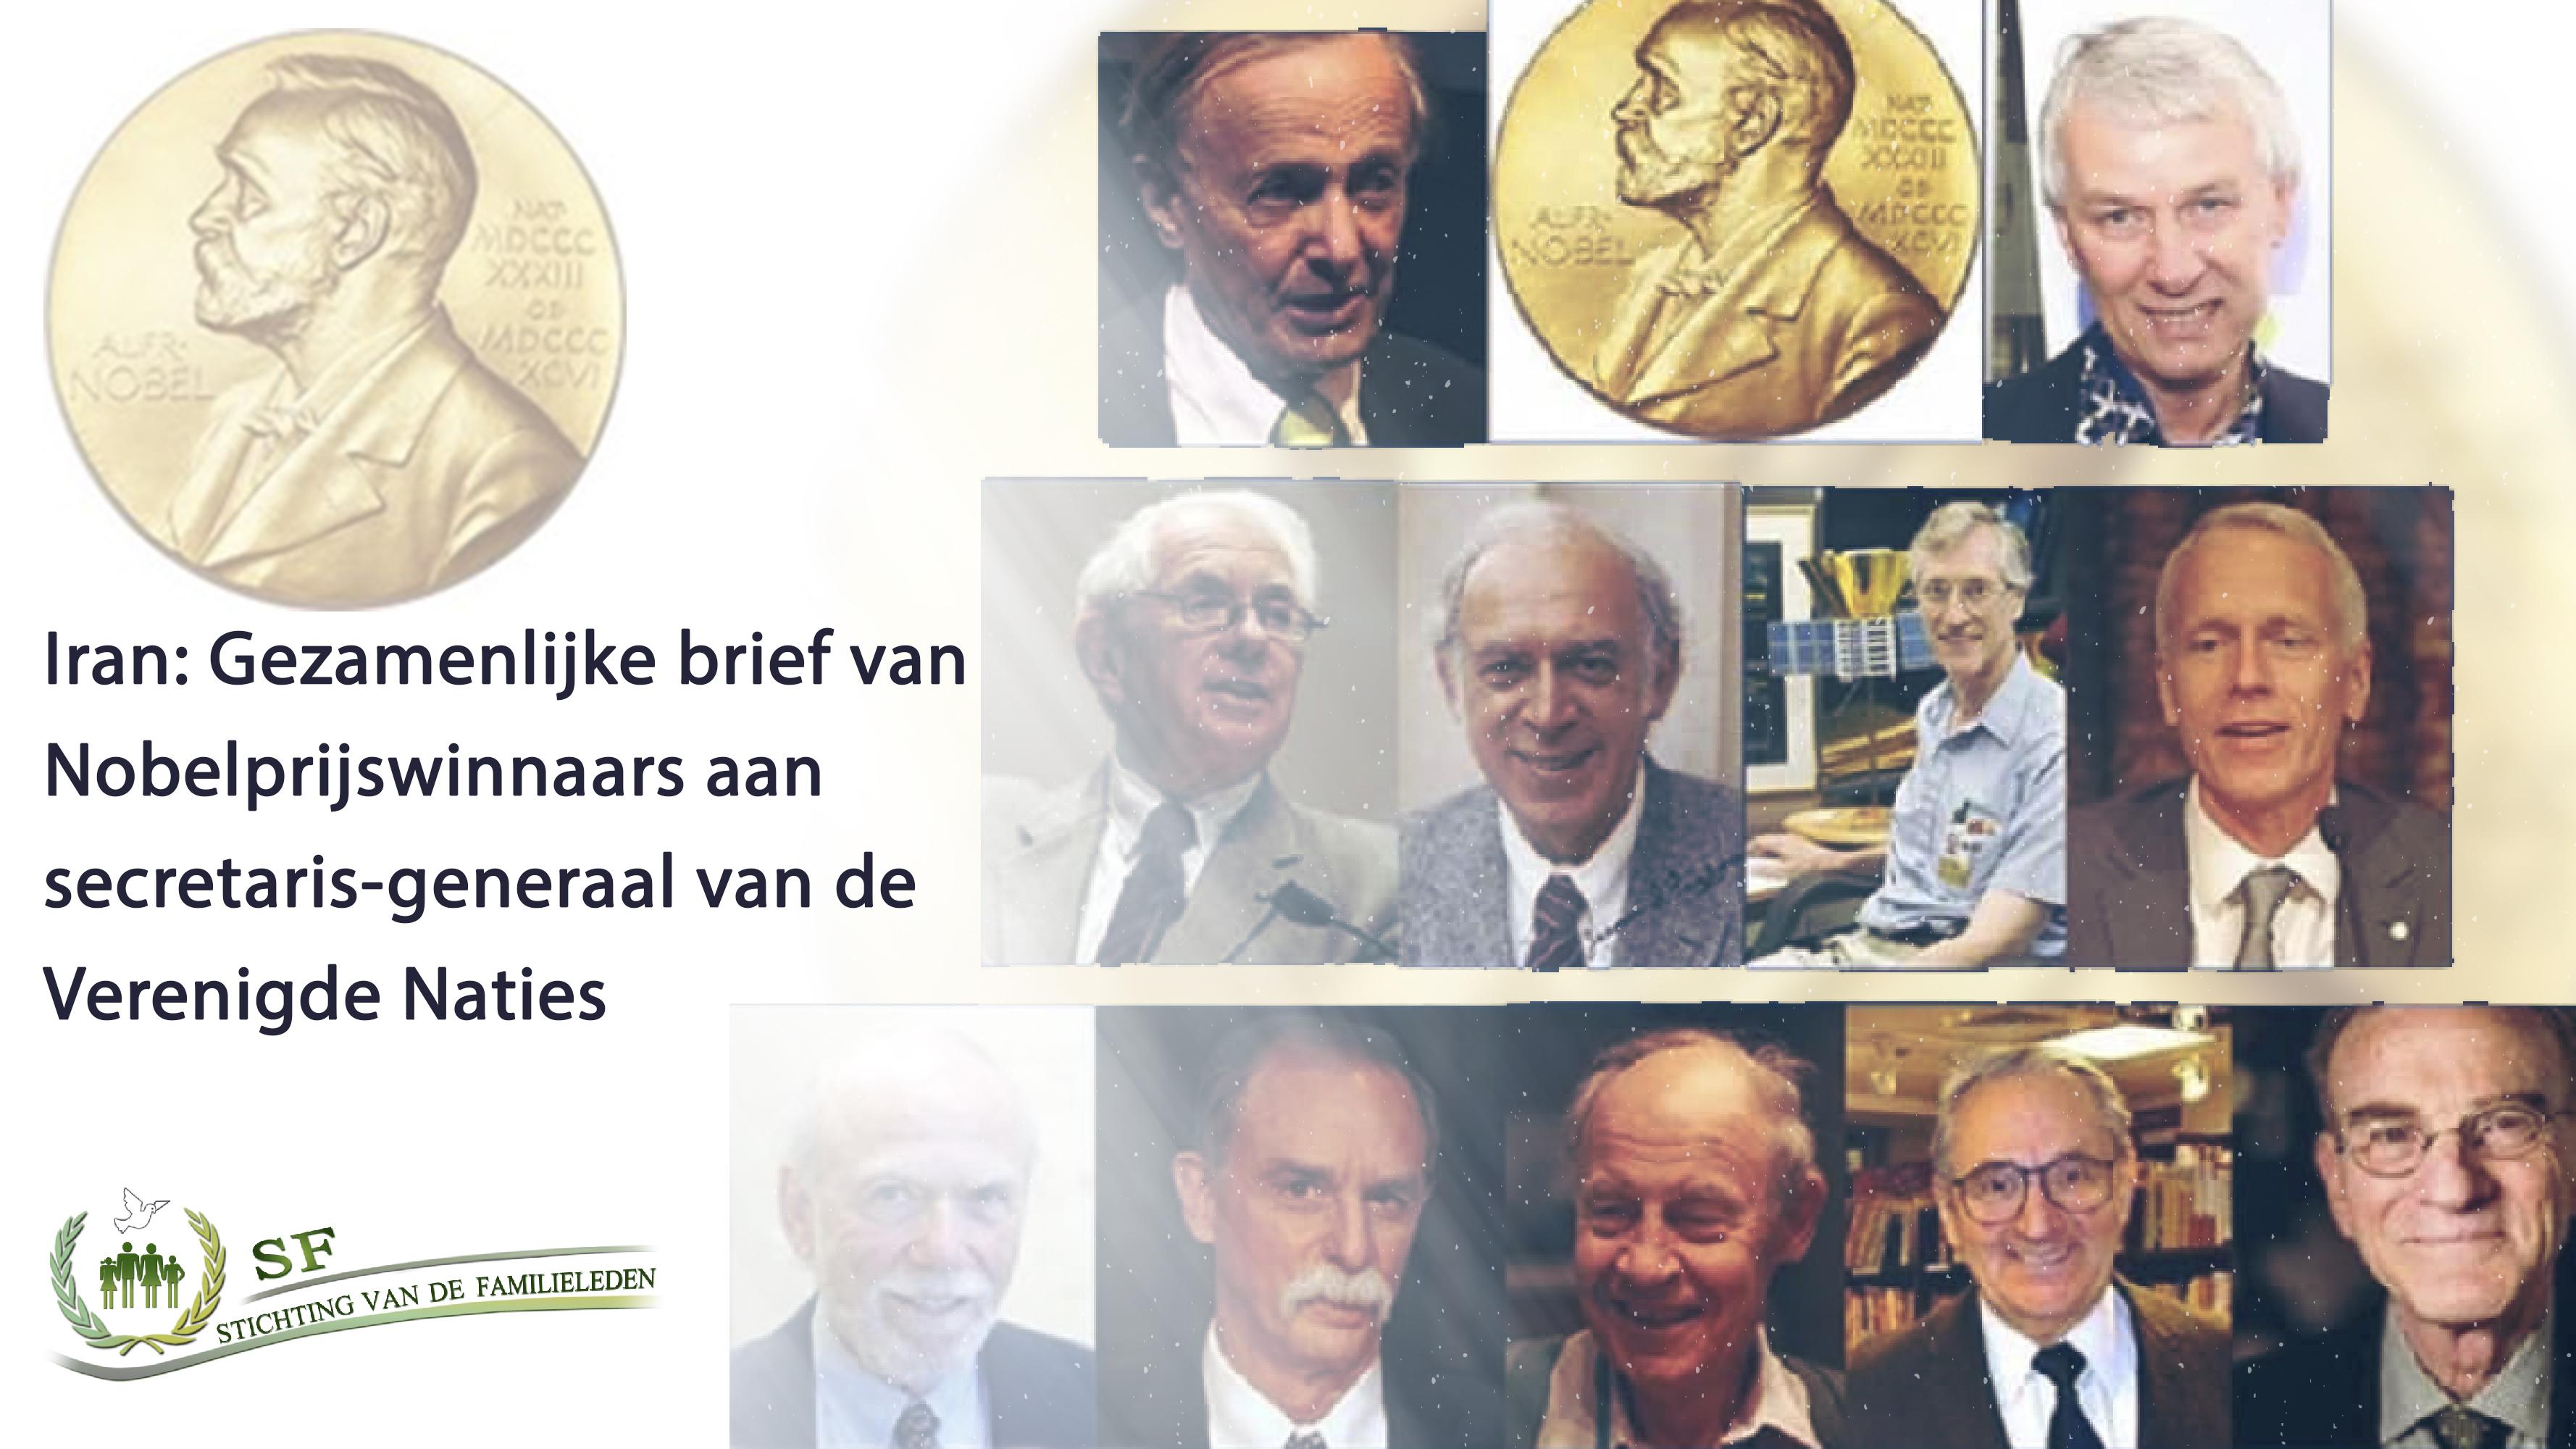 Nobel laureates - Iran - Stichting van de familieleden